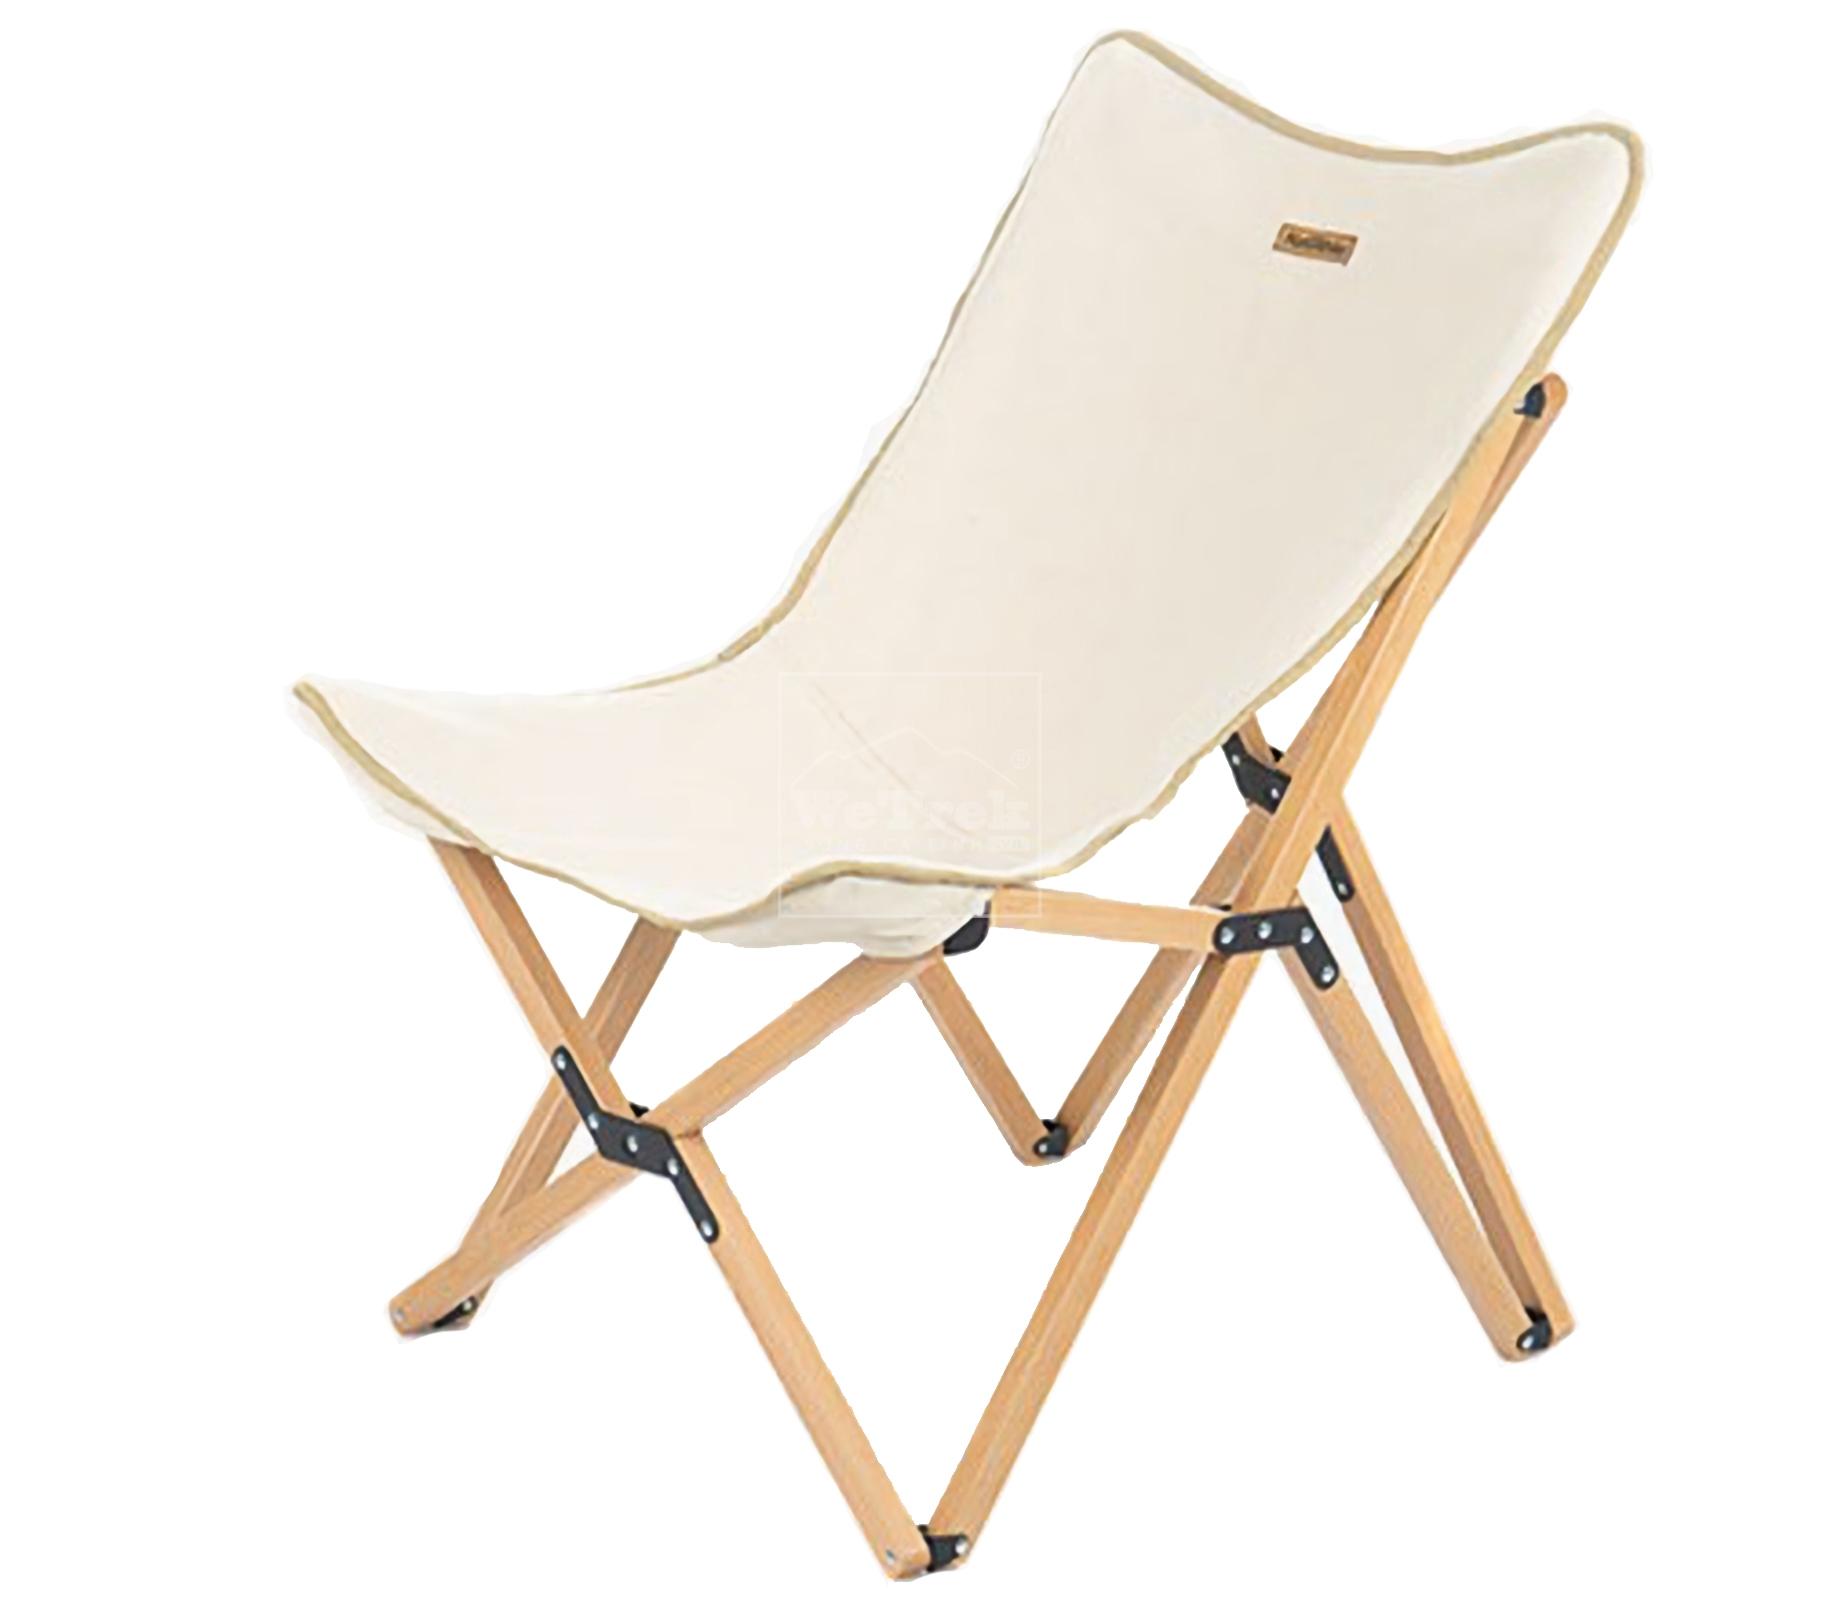 Ghế xếp có tựa lưng khung gỗ size L Naturehike Foldable Ultralight Camping Chair NH19JJ008 - 9531